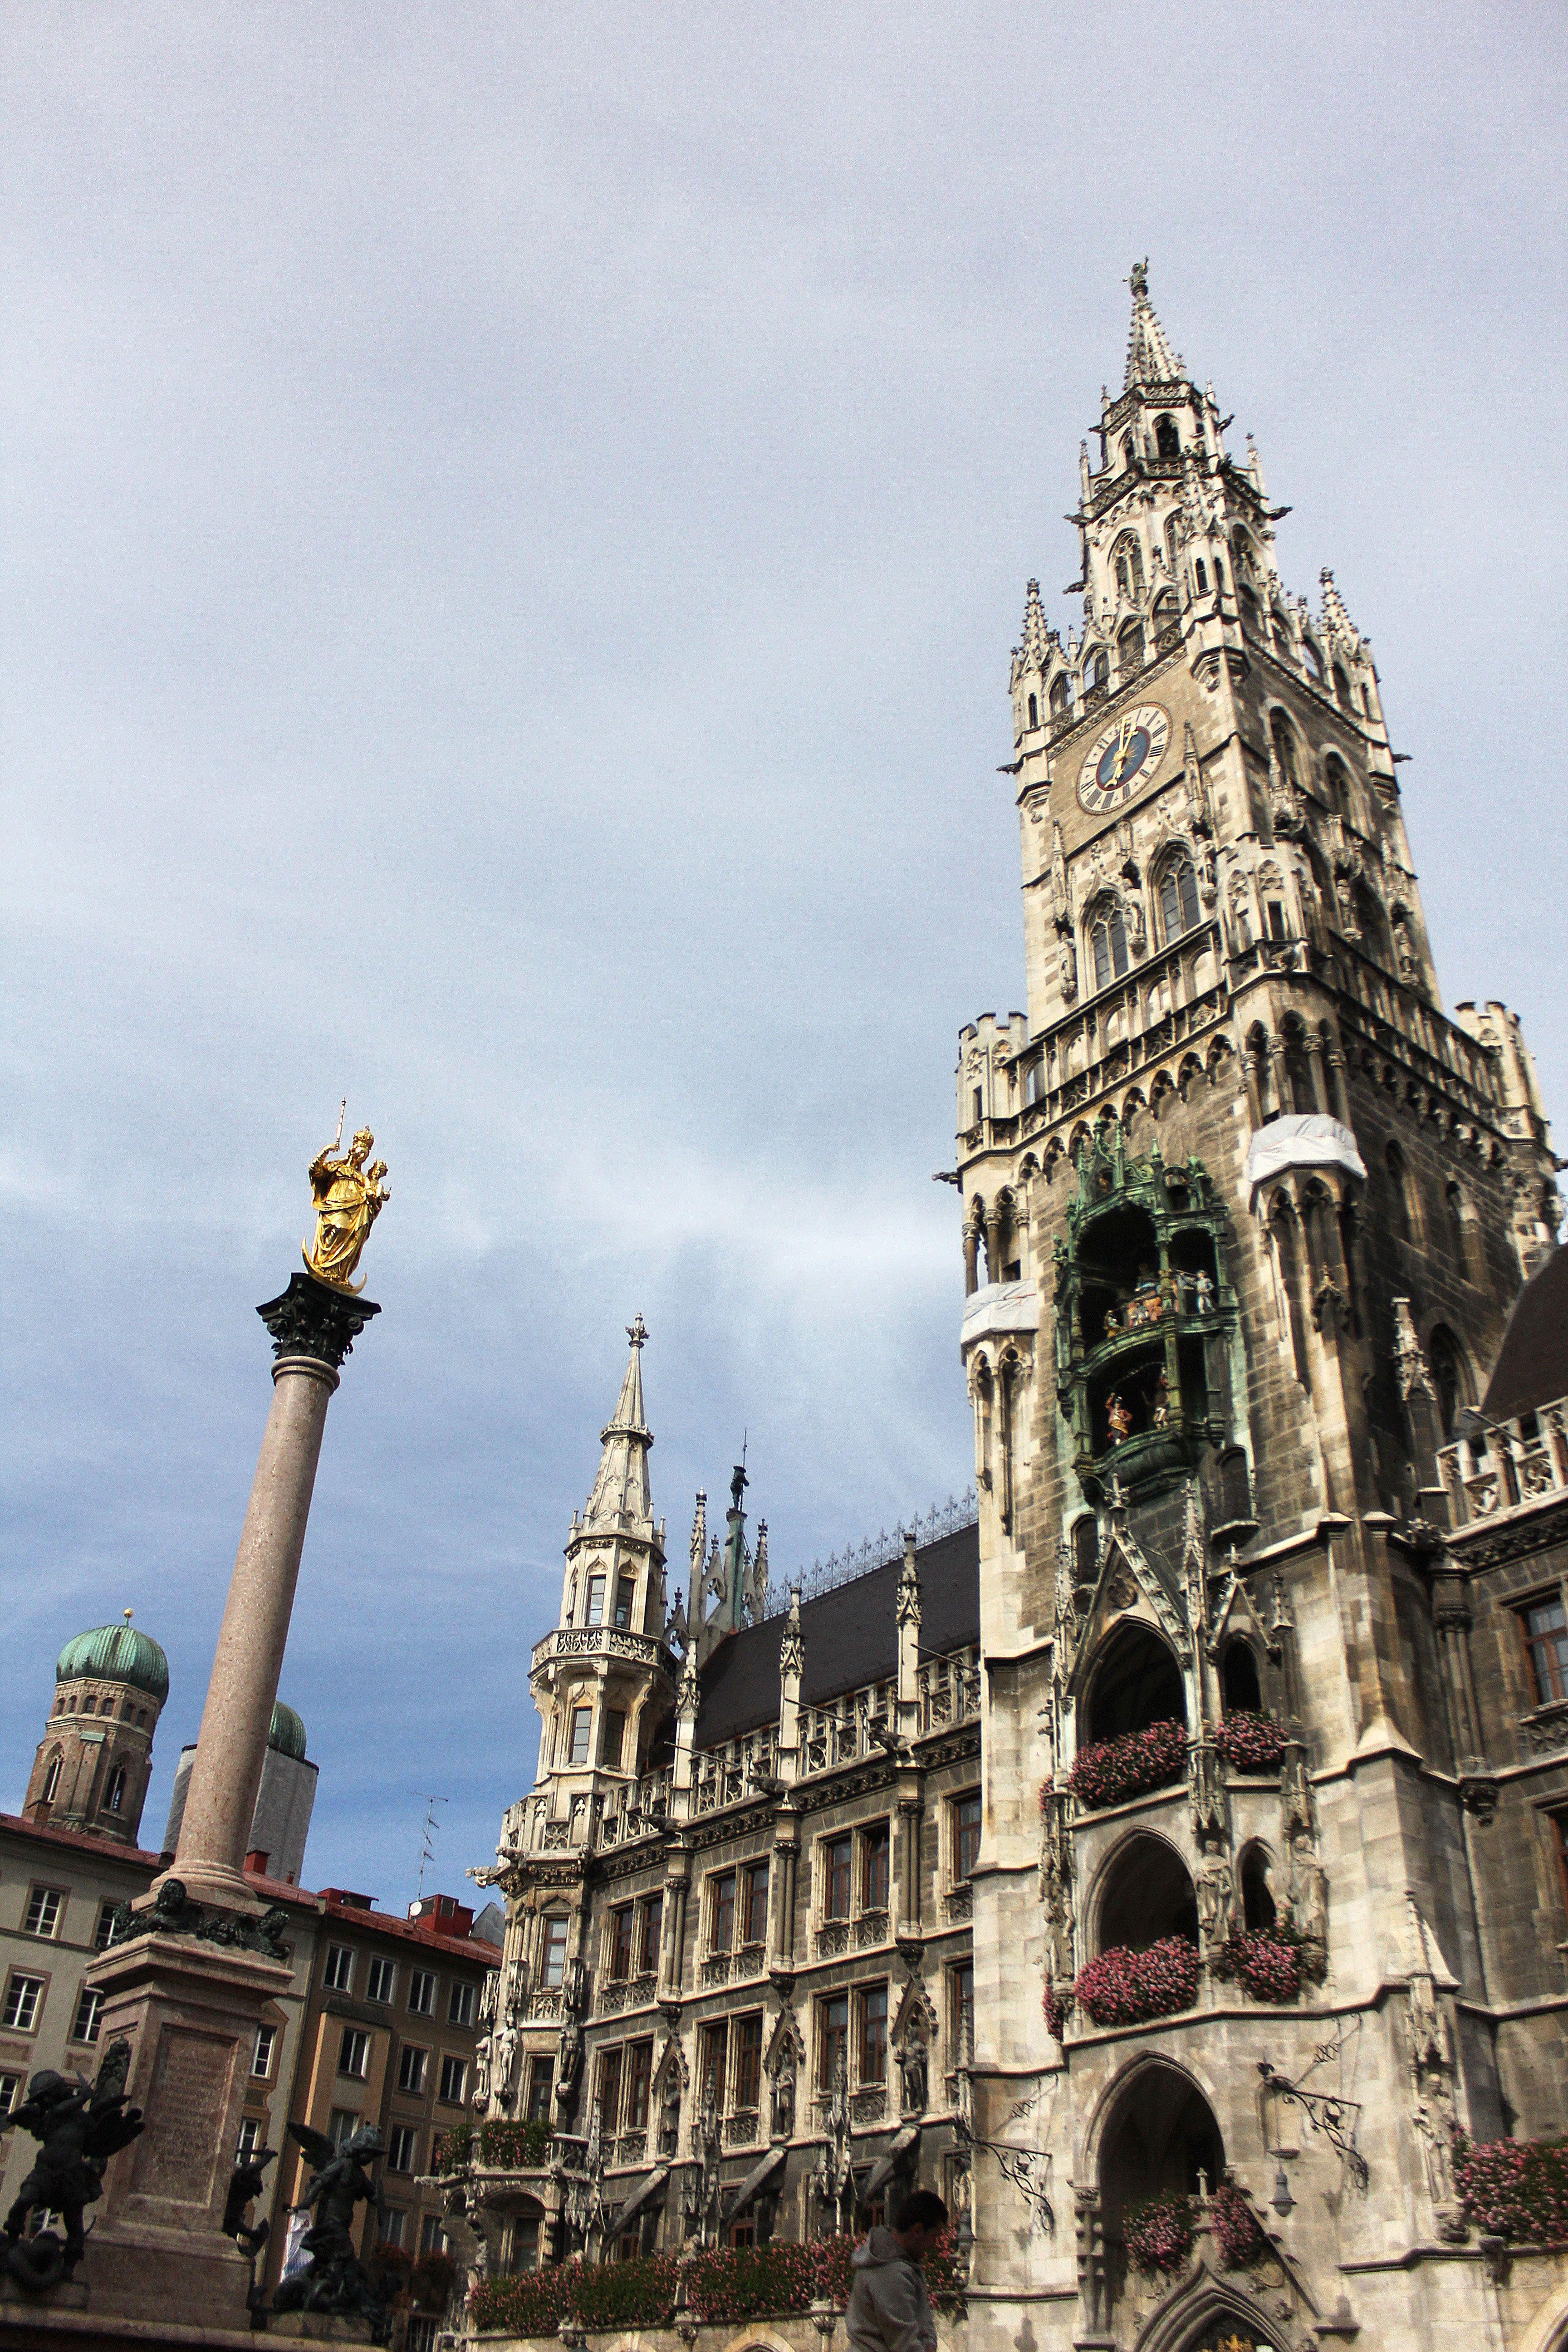 Das Rathaus Im Munchen With Images